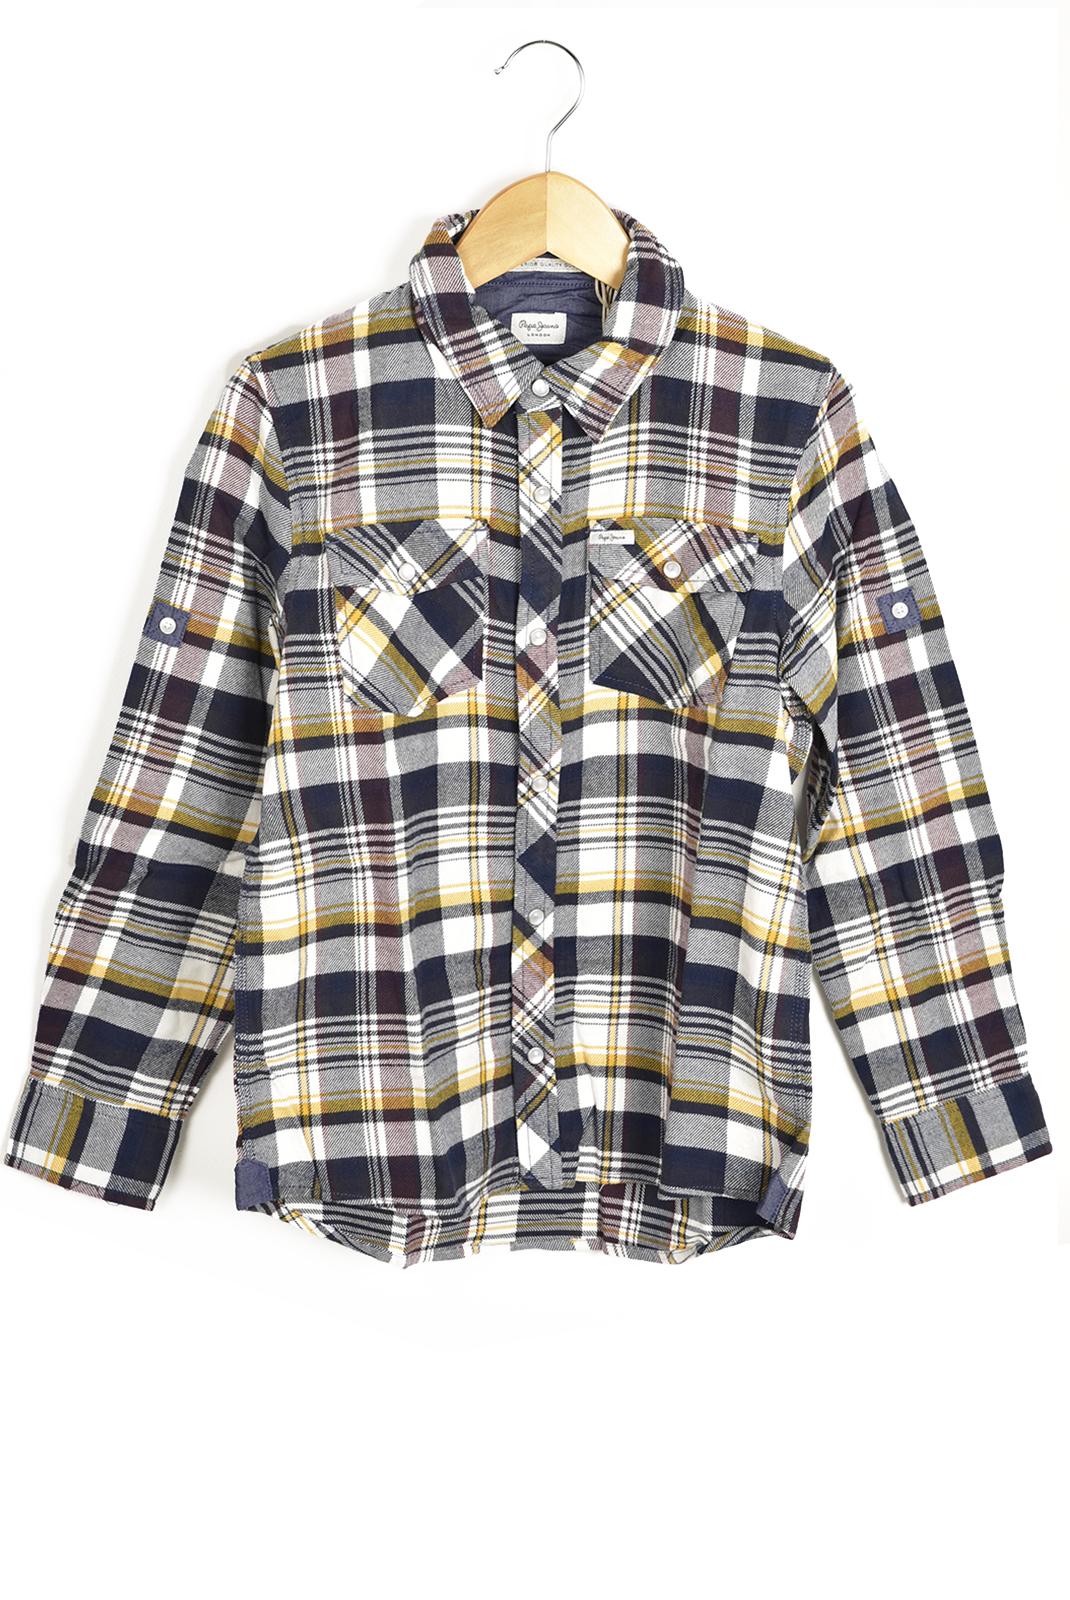 Hauts  Pepe jeans PB300715 marshall 816